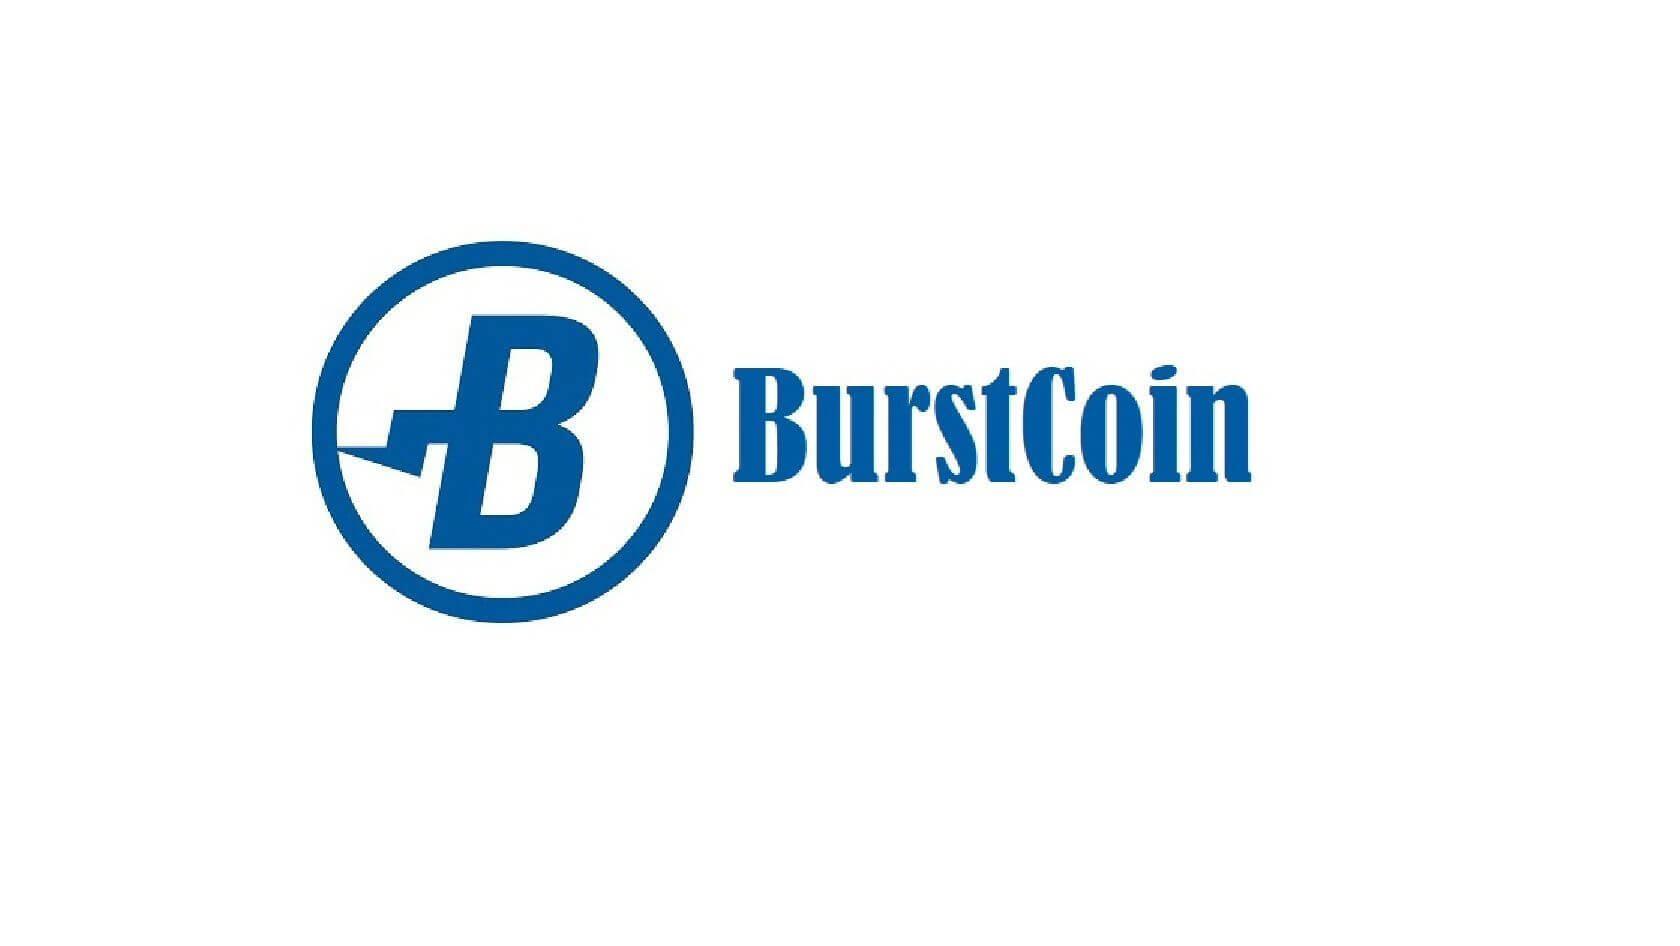 acheter burstcoin cryptomonnaie